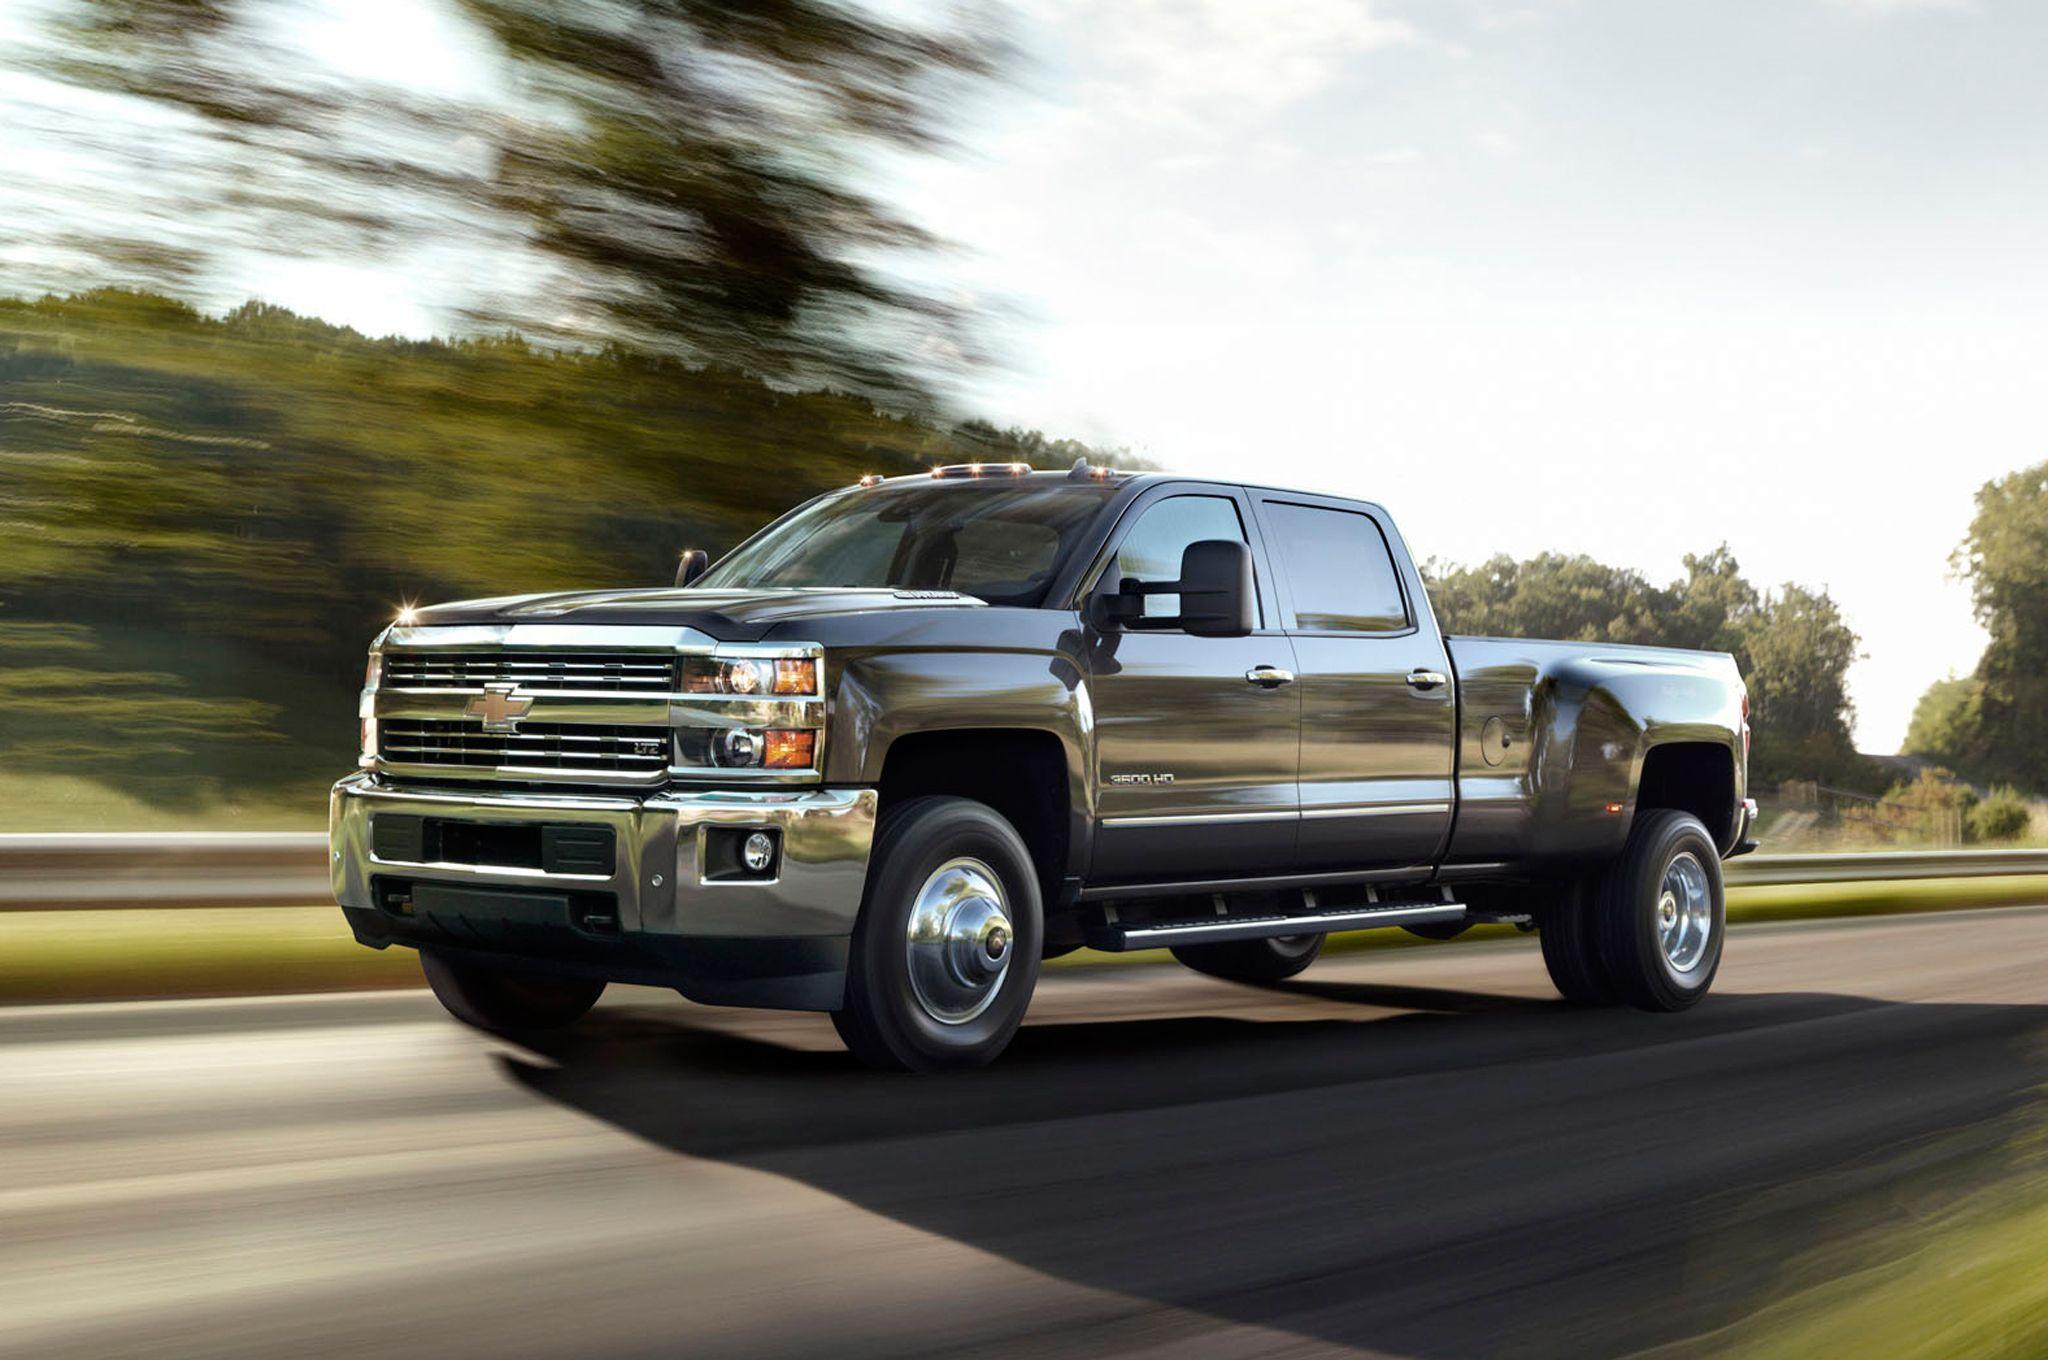 2020 Chevy Silverado 1500 Review Pricing And Specs Autos Motorrader Trucks Und Autos